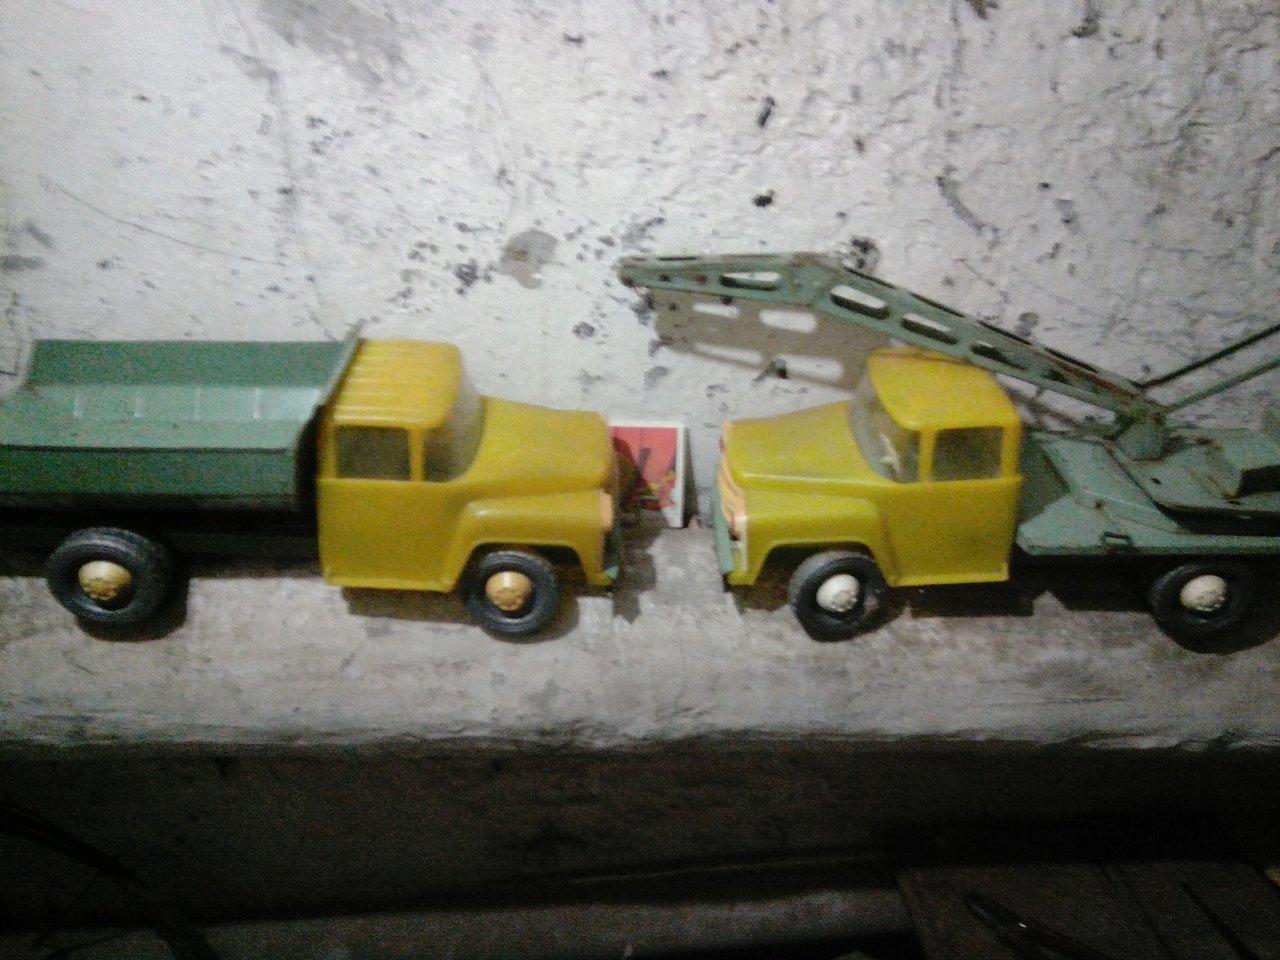 советские машинки игрушки фото была нете, что